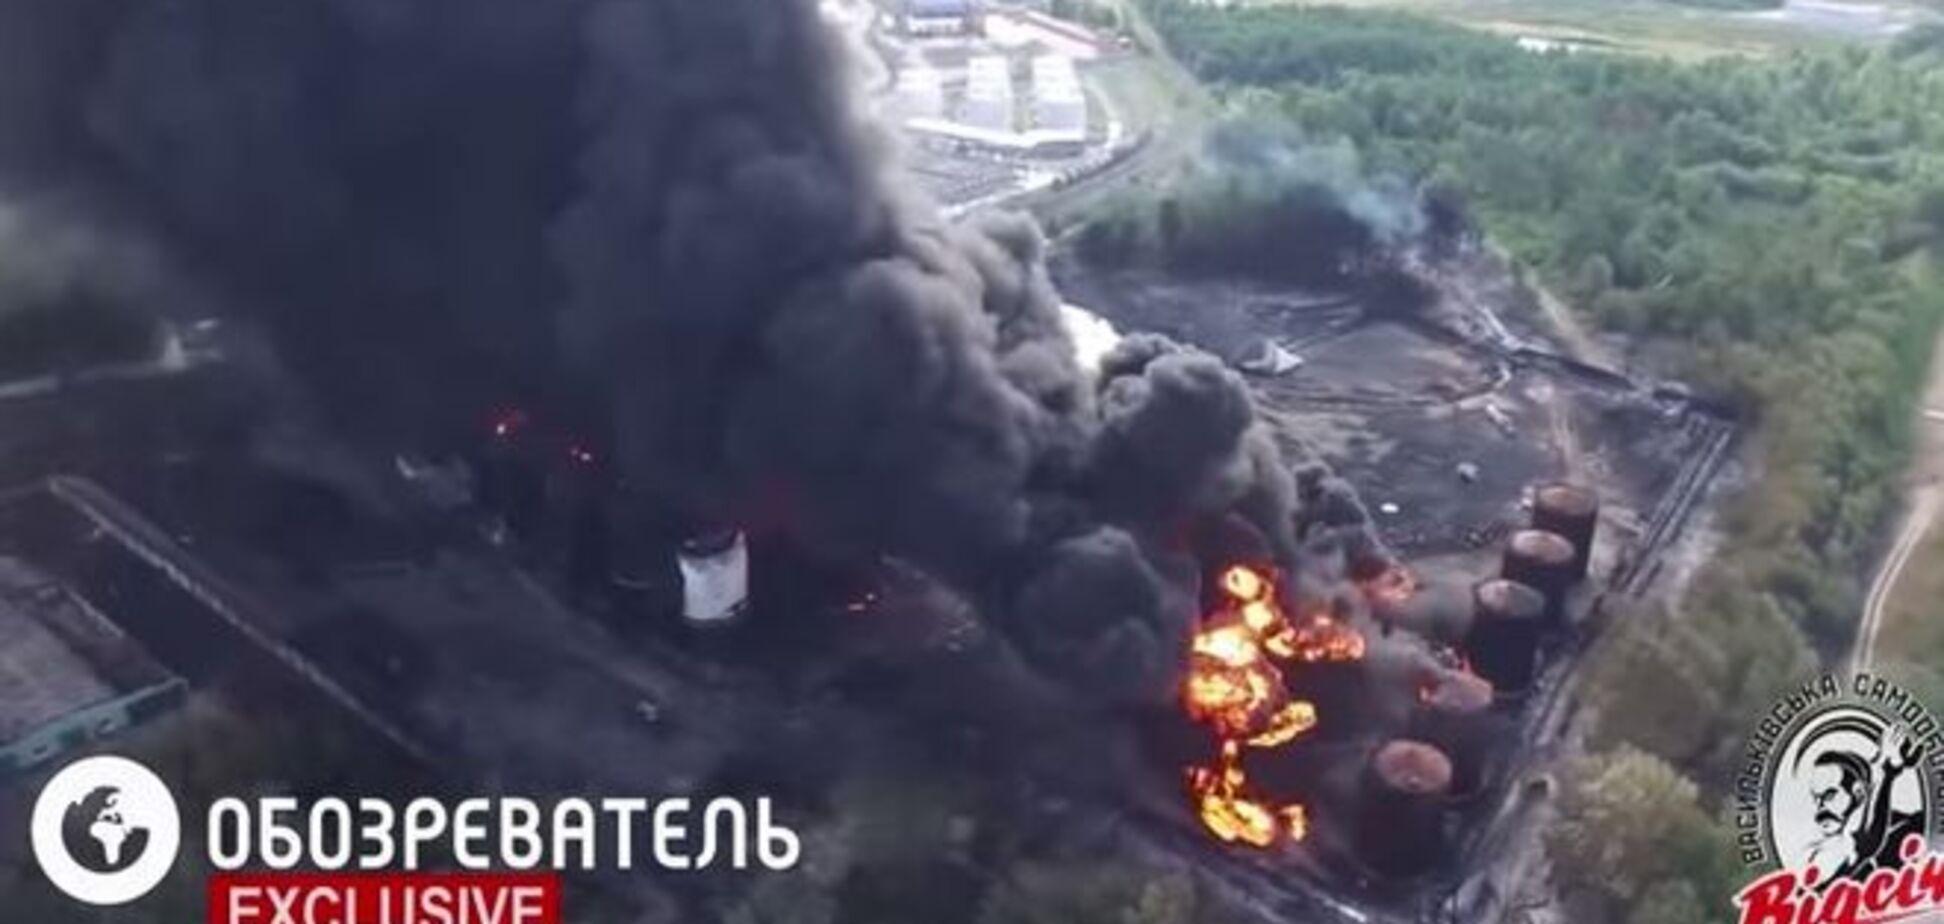 Опубликовано новое видео пожара на нефтебазе в Василькове, снятое с дрона